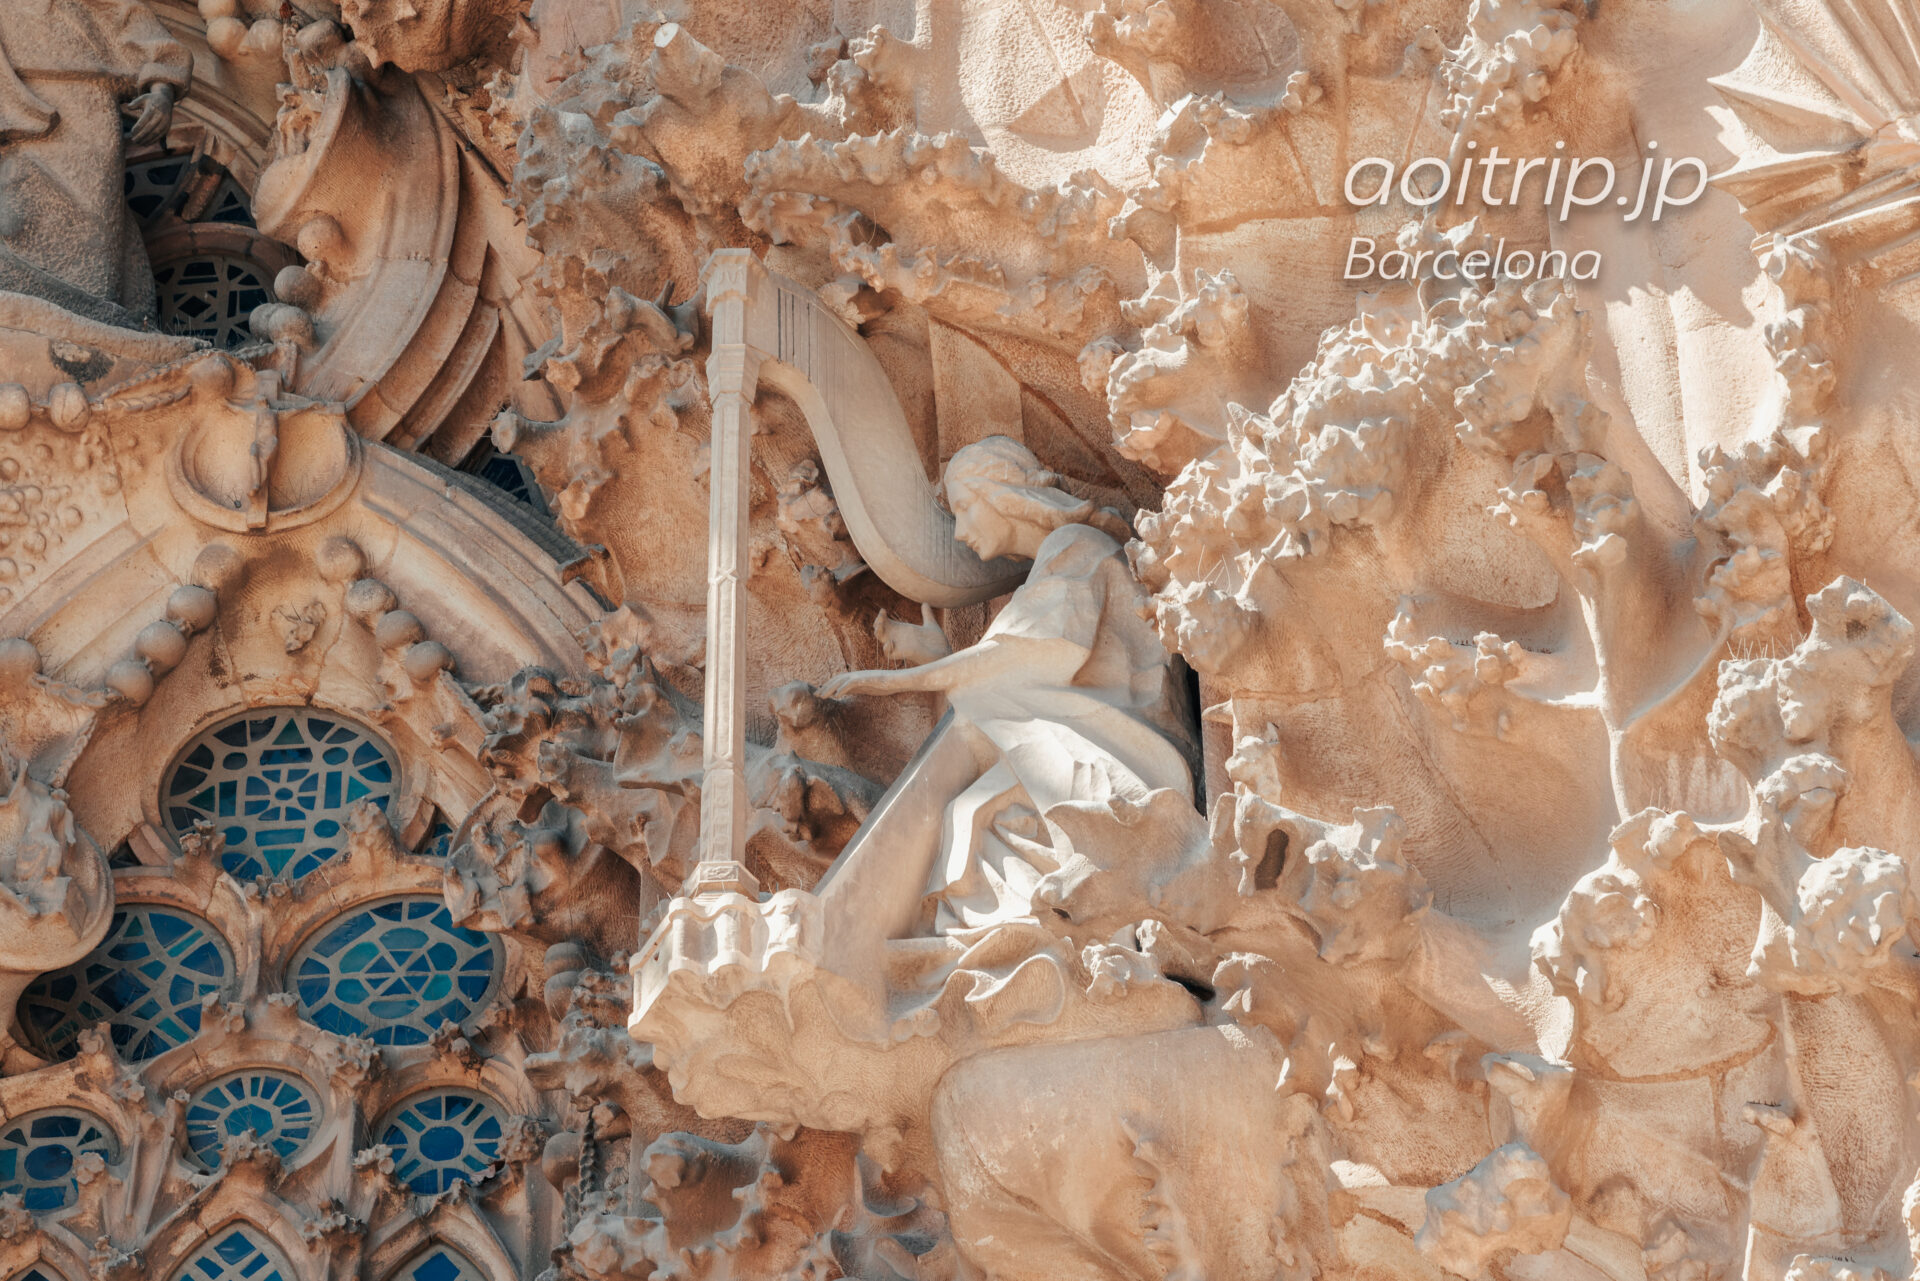 サグラダファミリア 生誕の門のハープ像